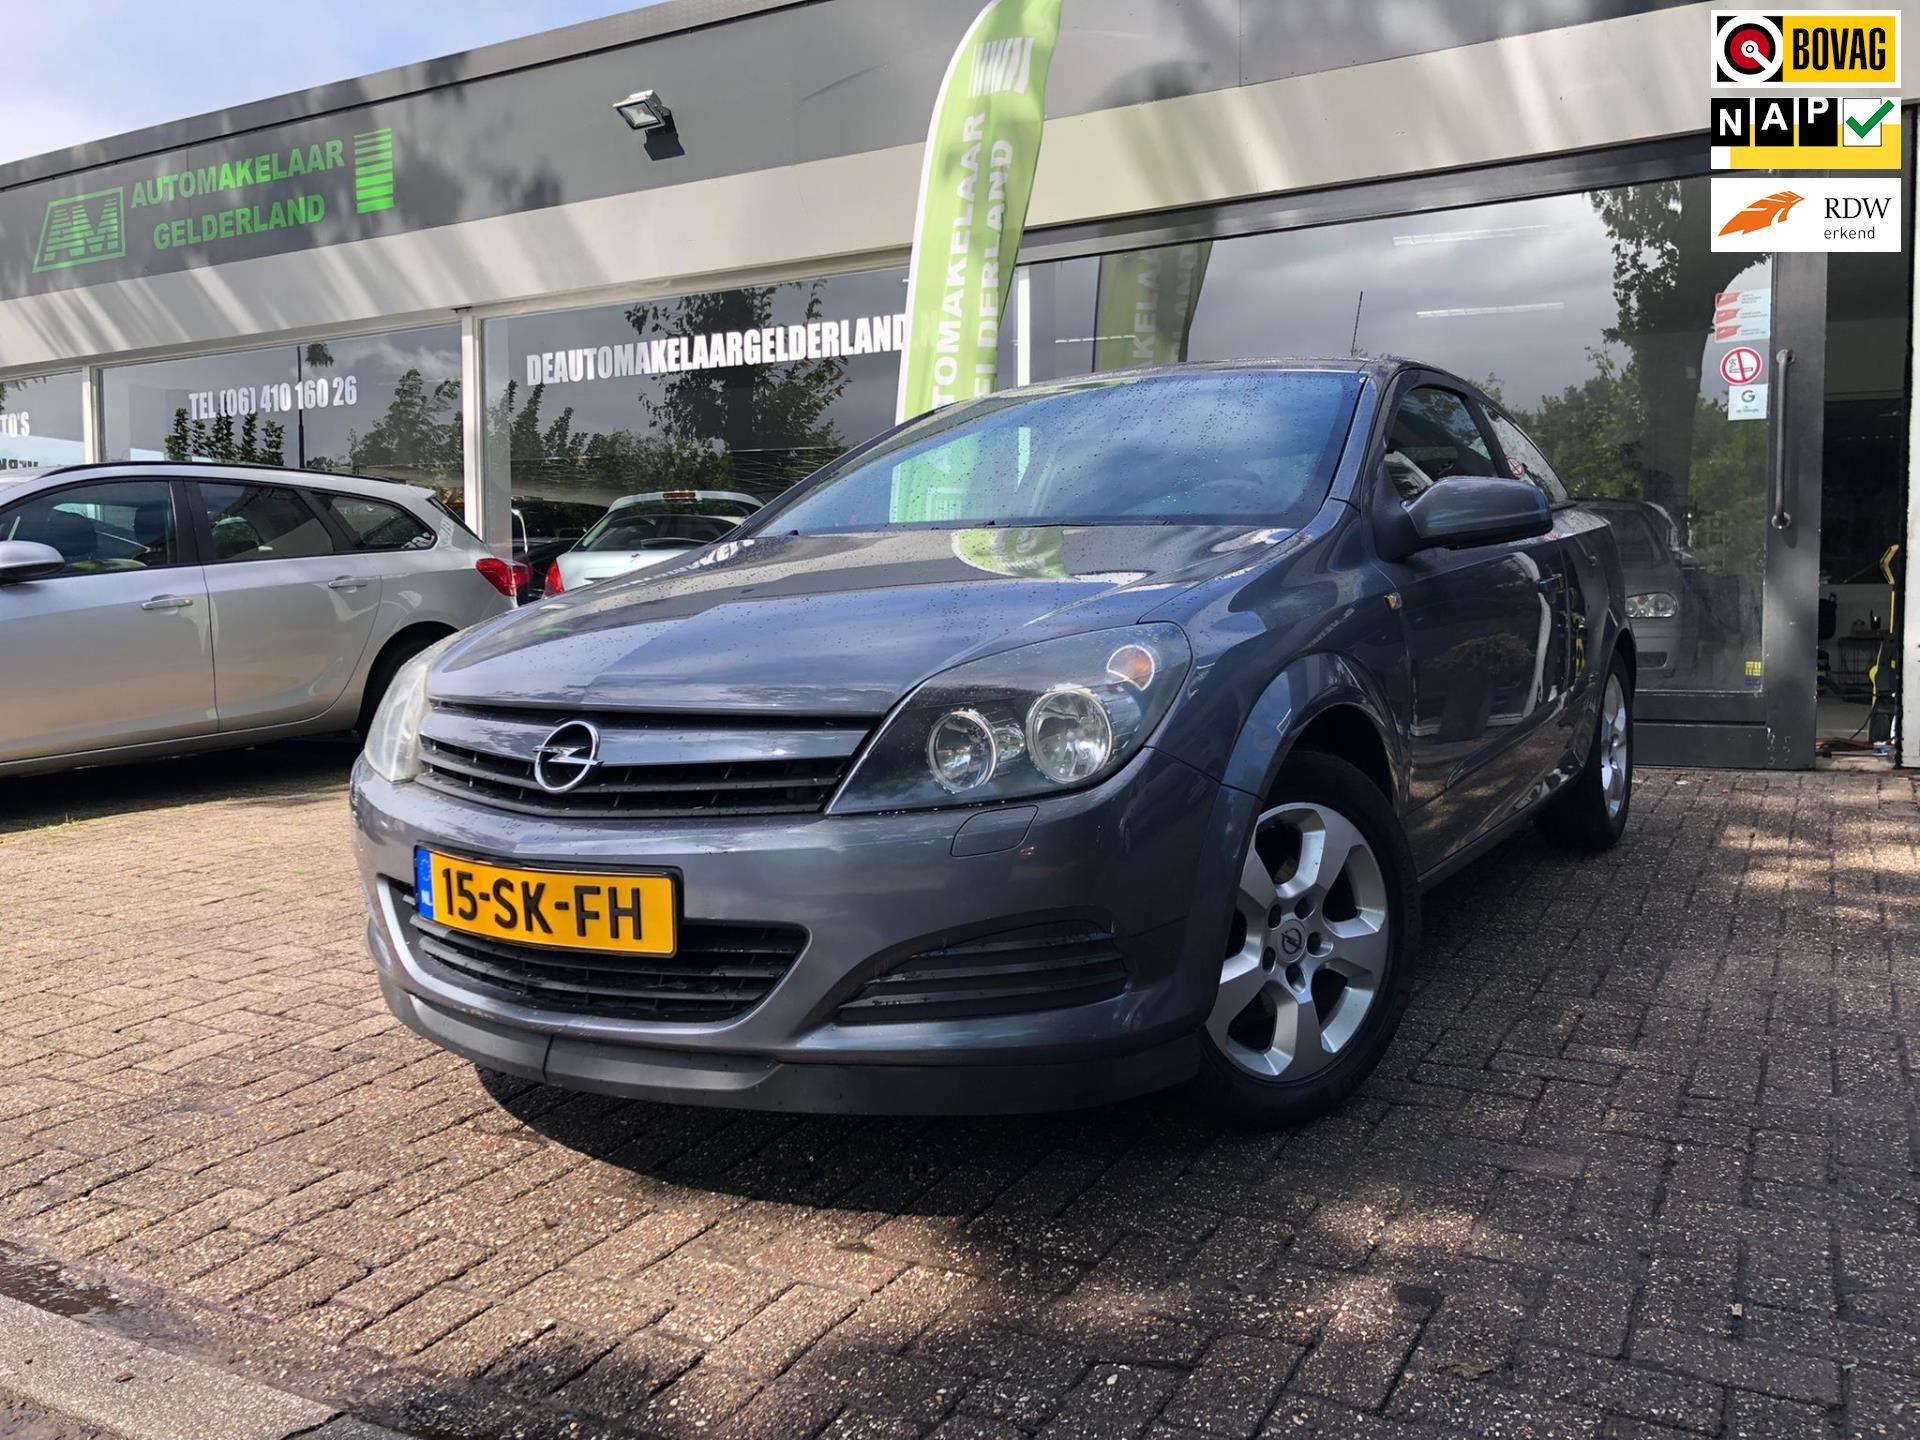 Opel Astra GTC occasion - De Automakelaar Gelderland